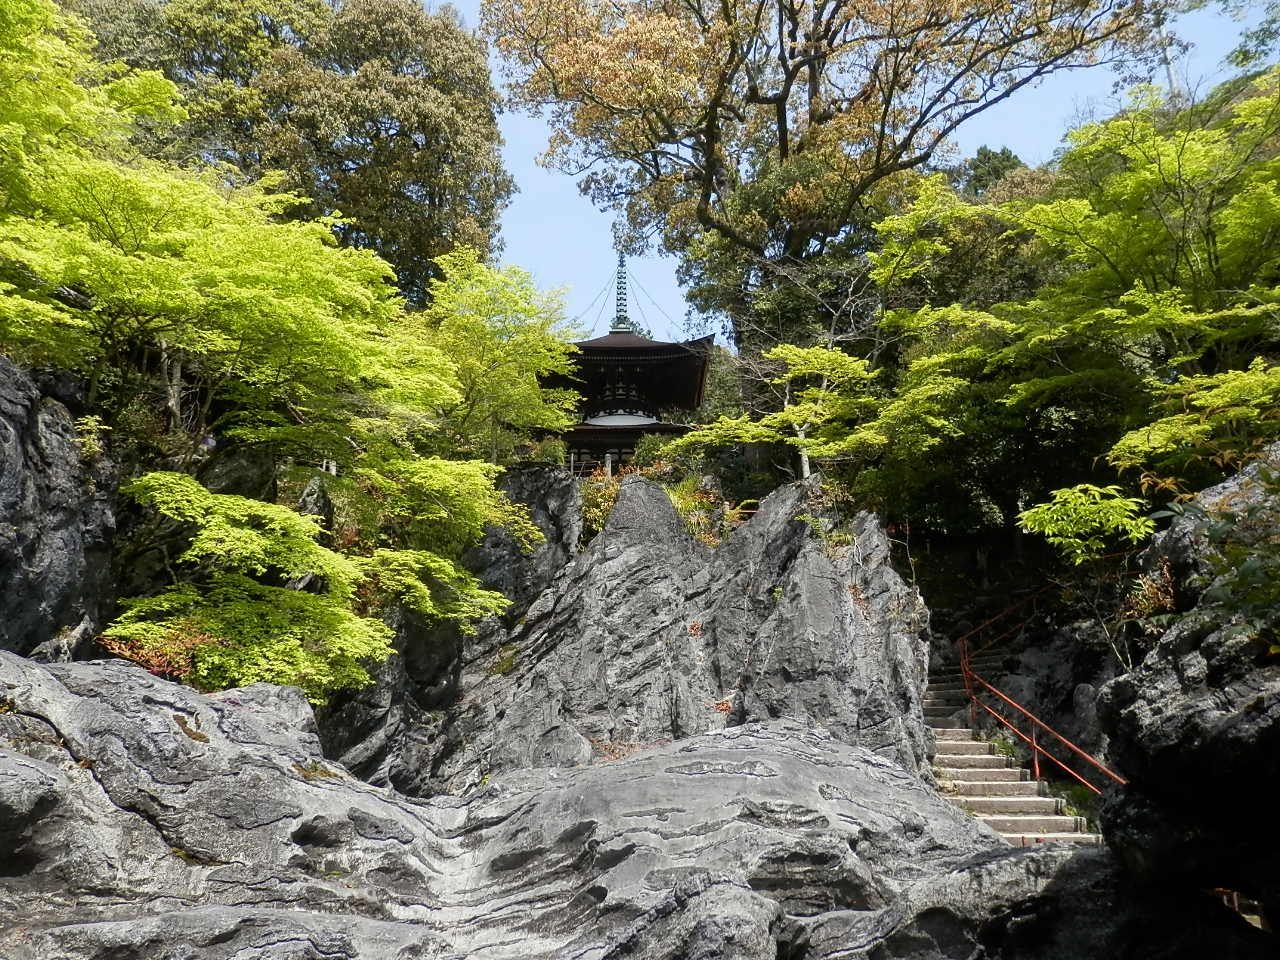 源氏物語はここから!紫式部ゆかりの観音霊場「石山寺」